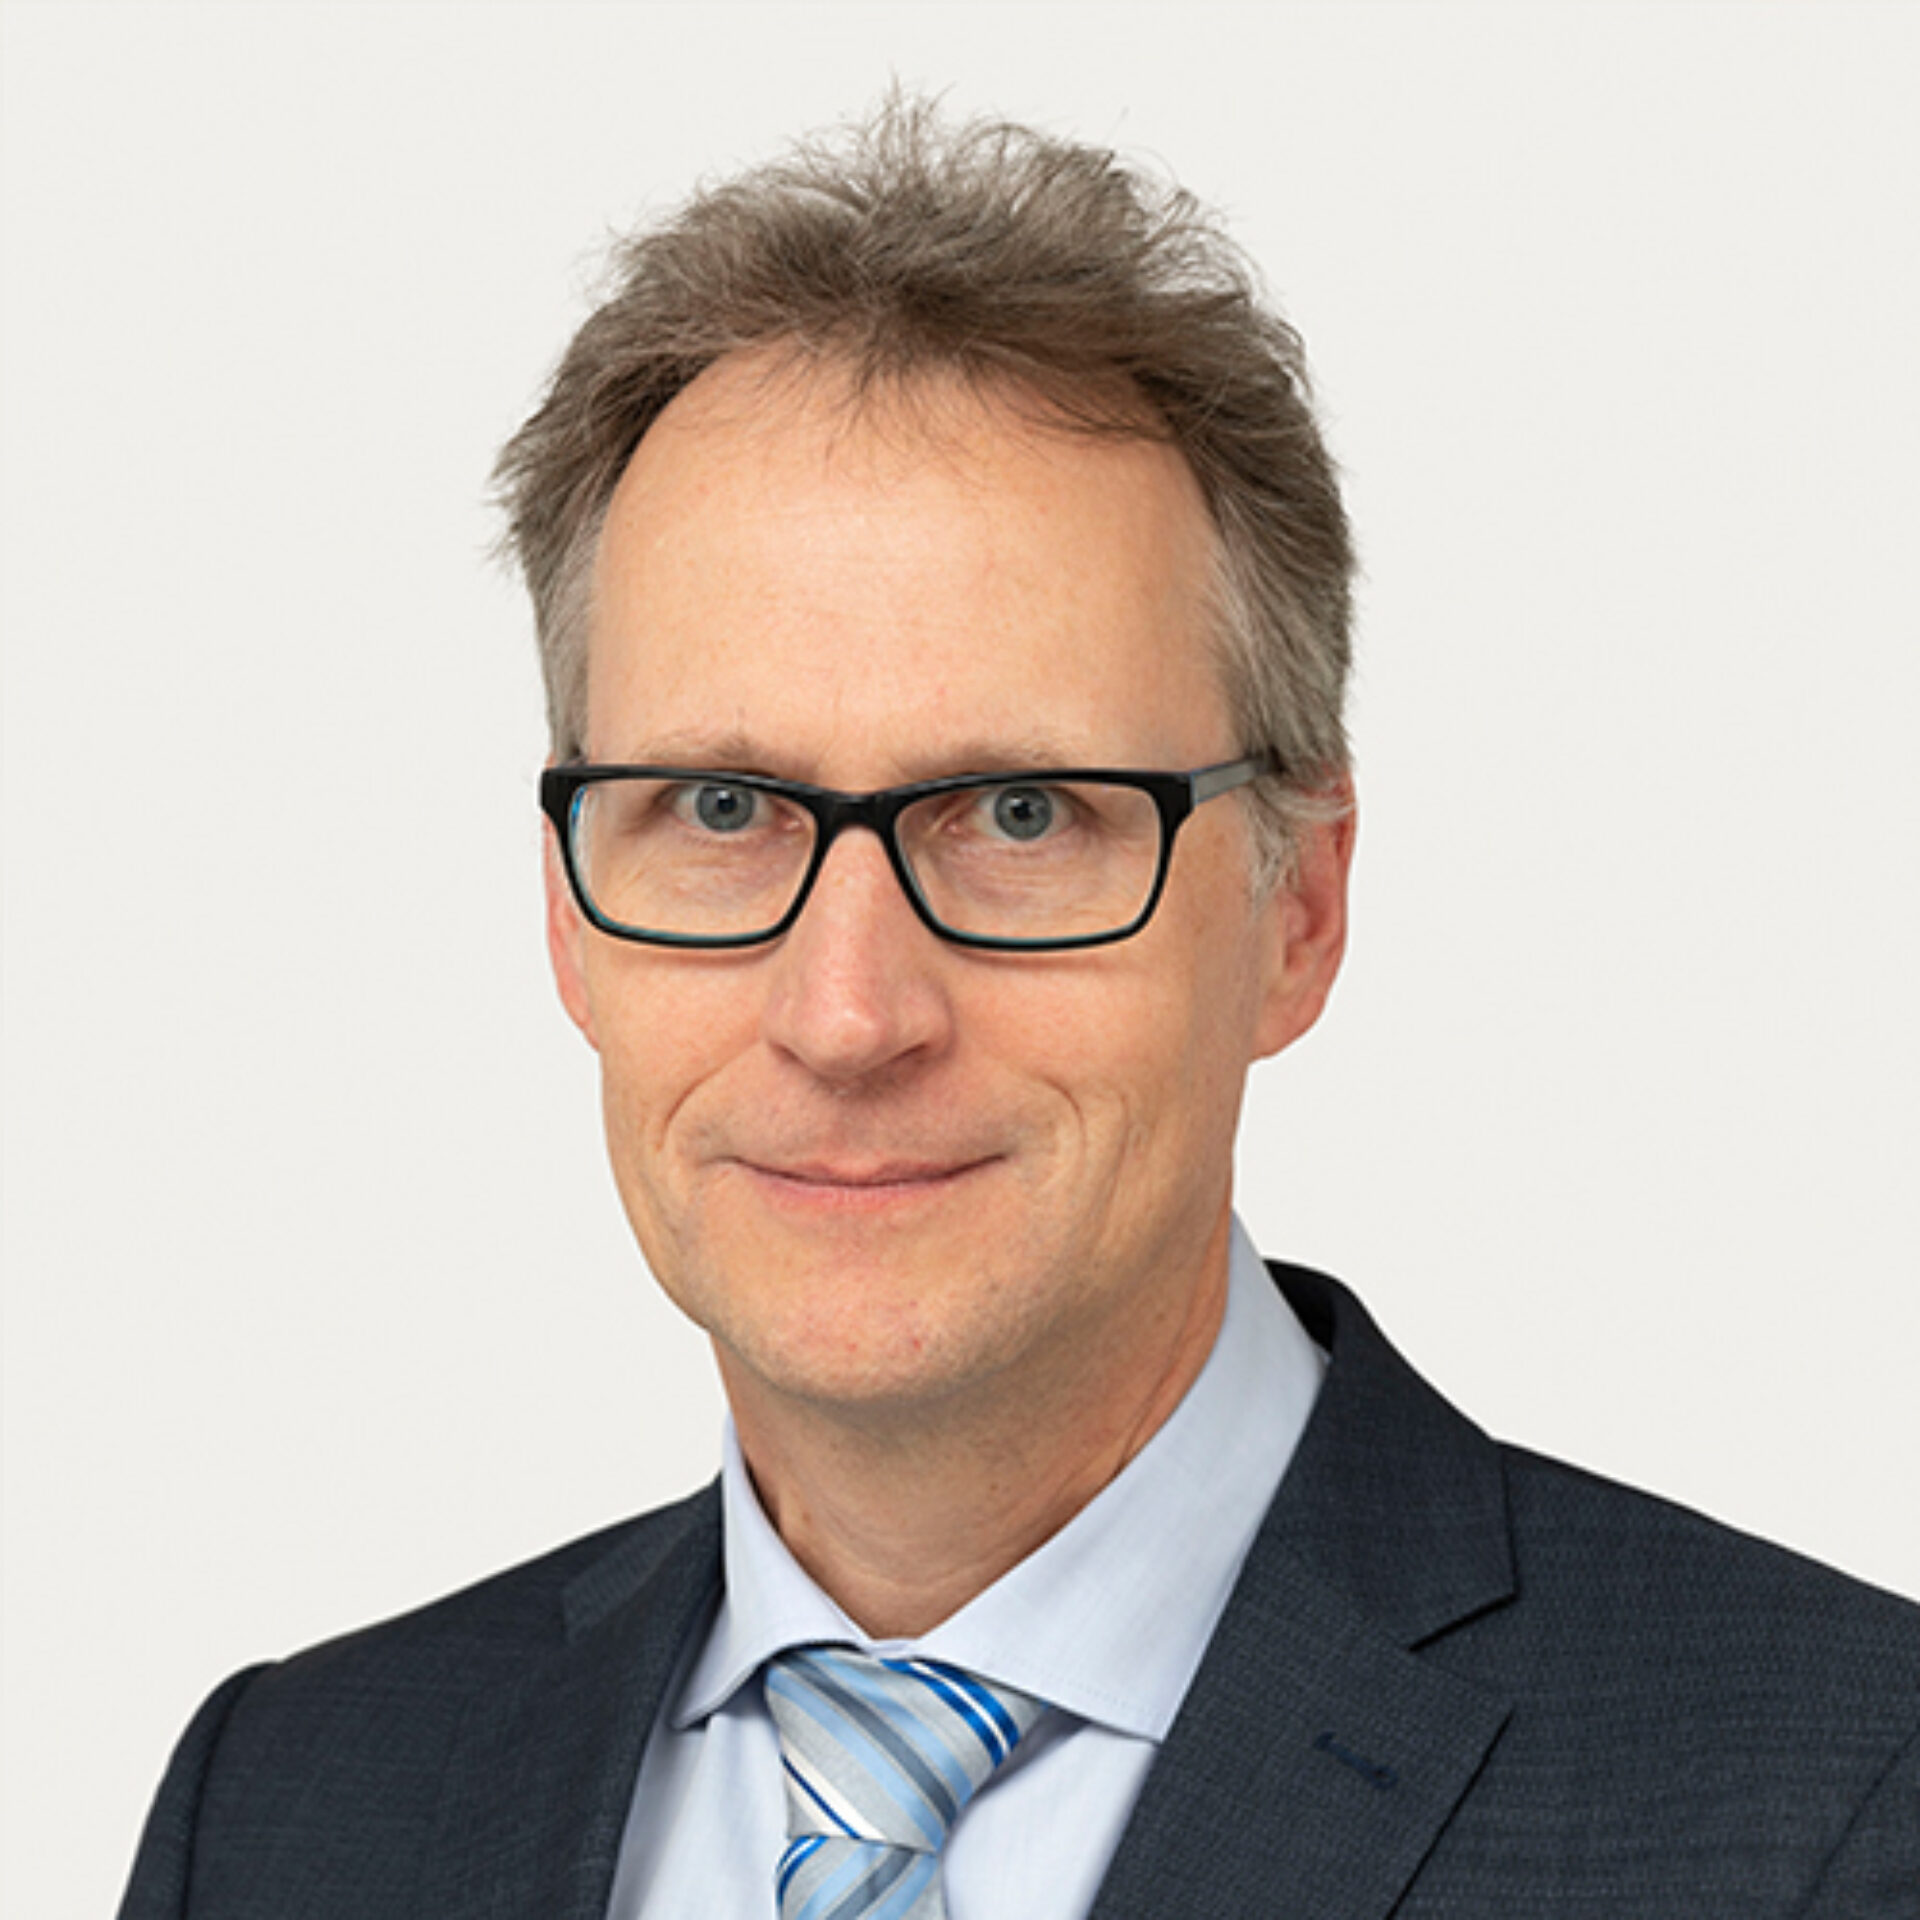 Christian Steiner